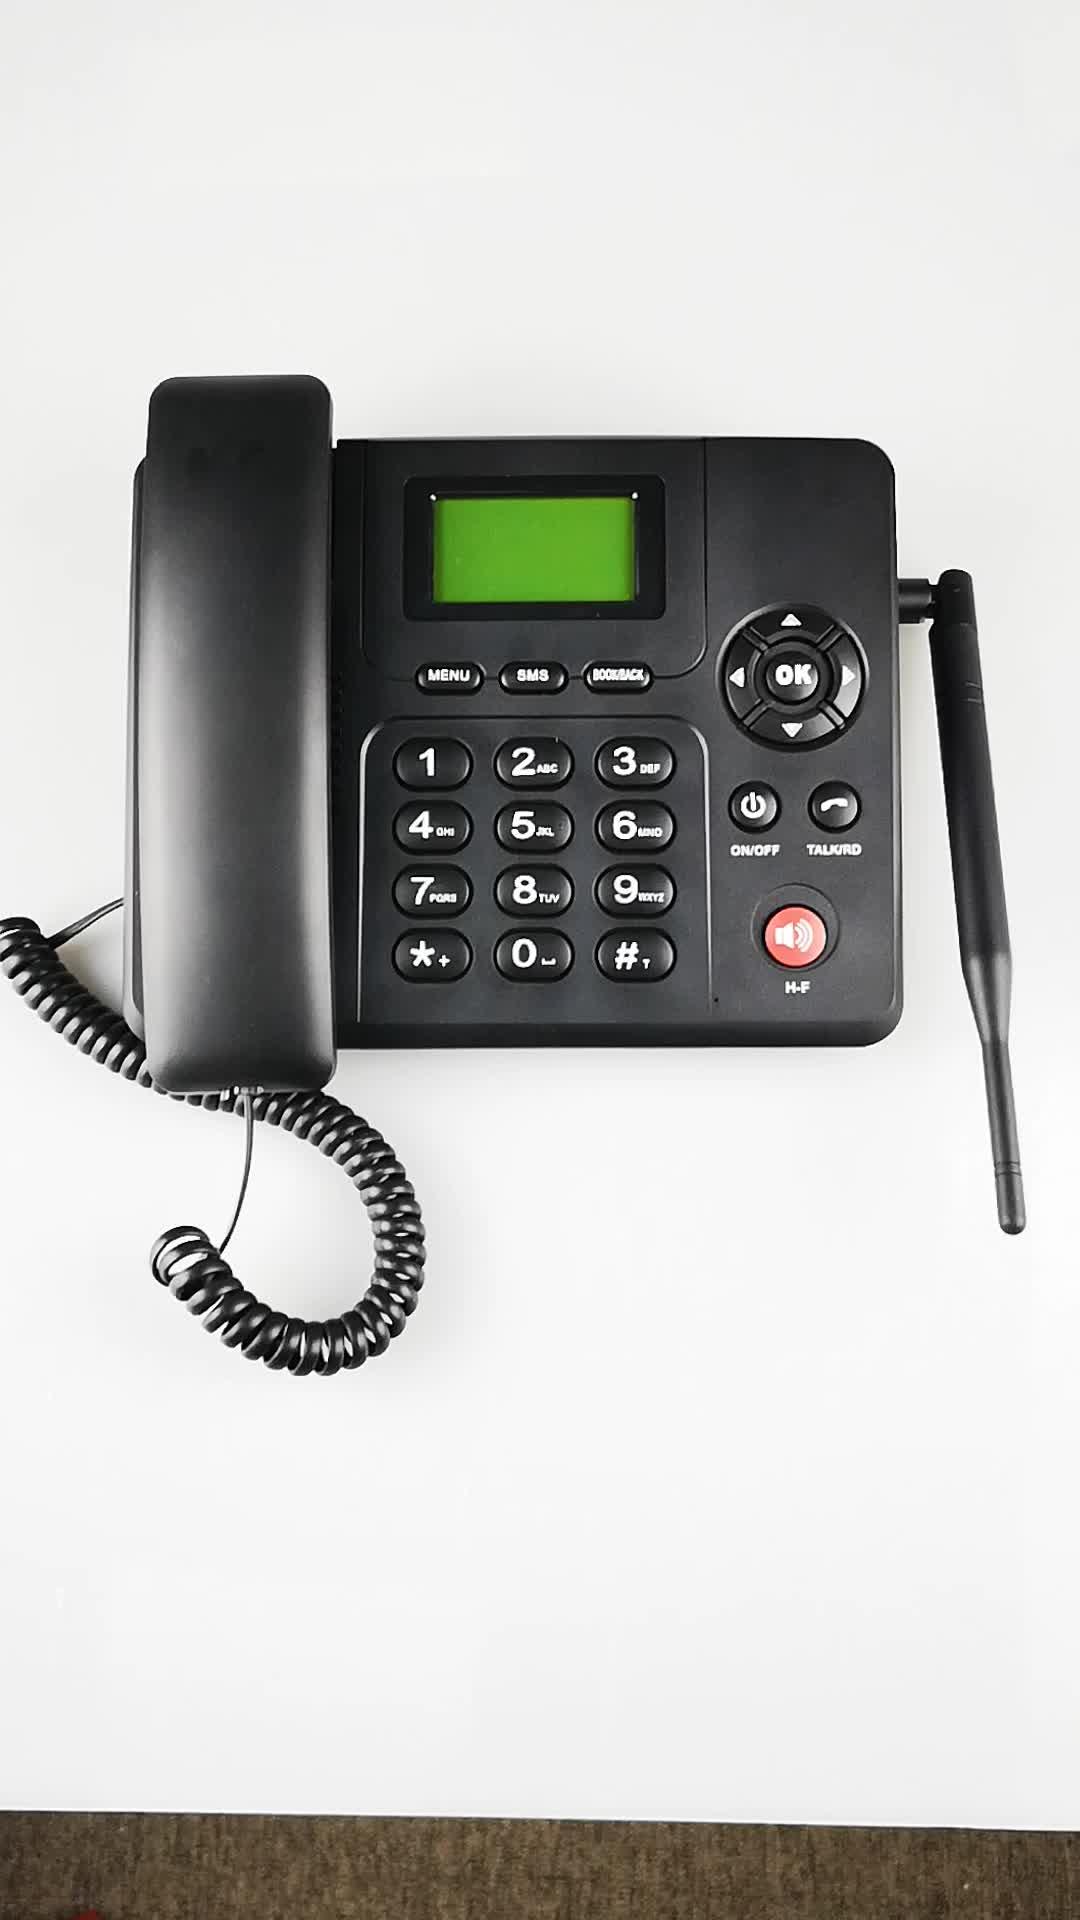 Etross ワイヤレス 3 グラム gsm デスクトップ電話 wcdma 壁マウント固定 ETS-6688